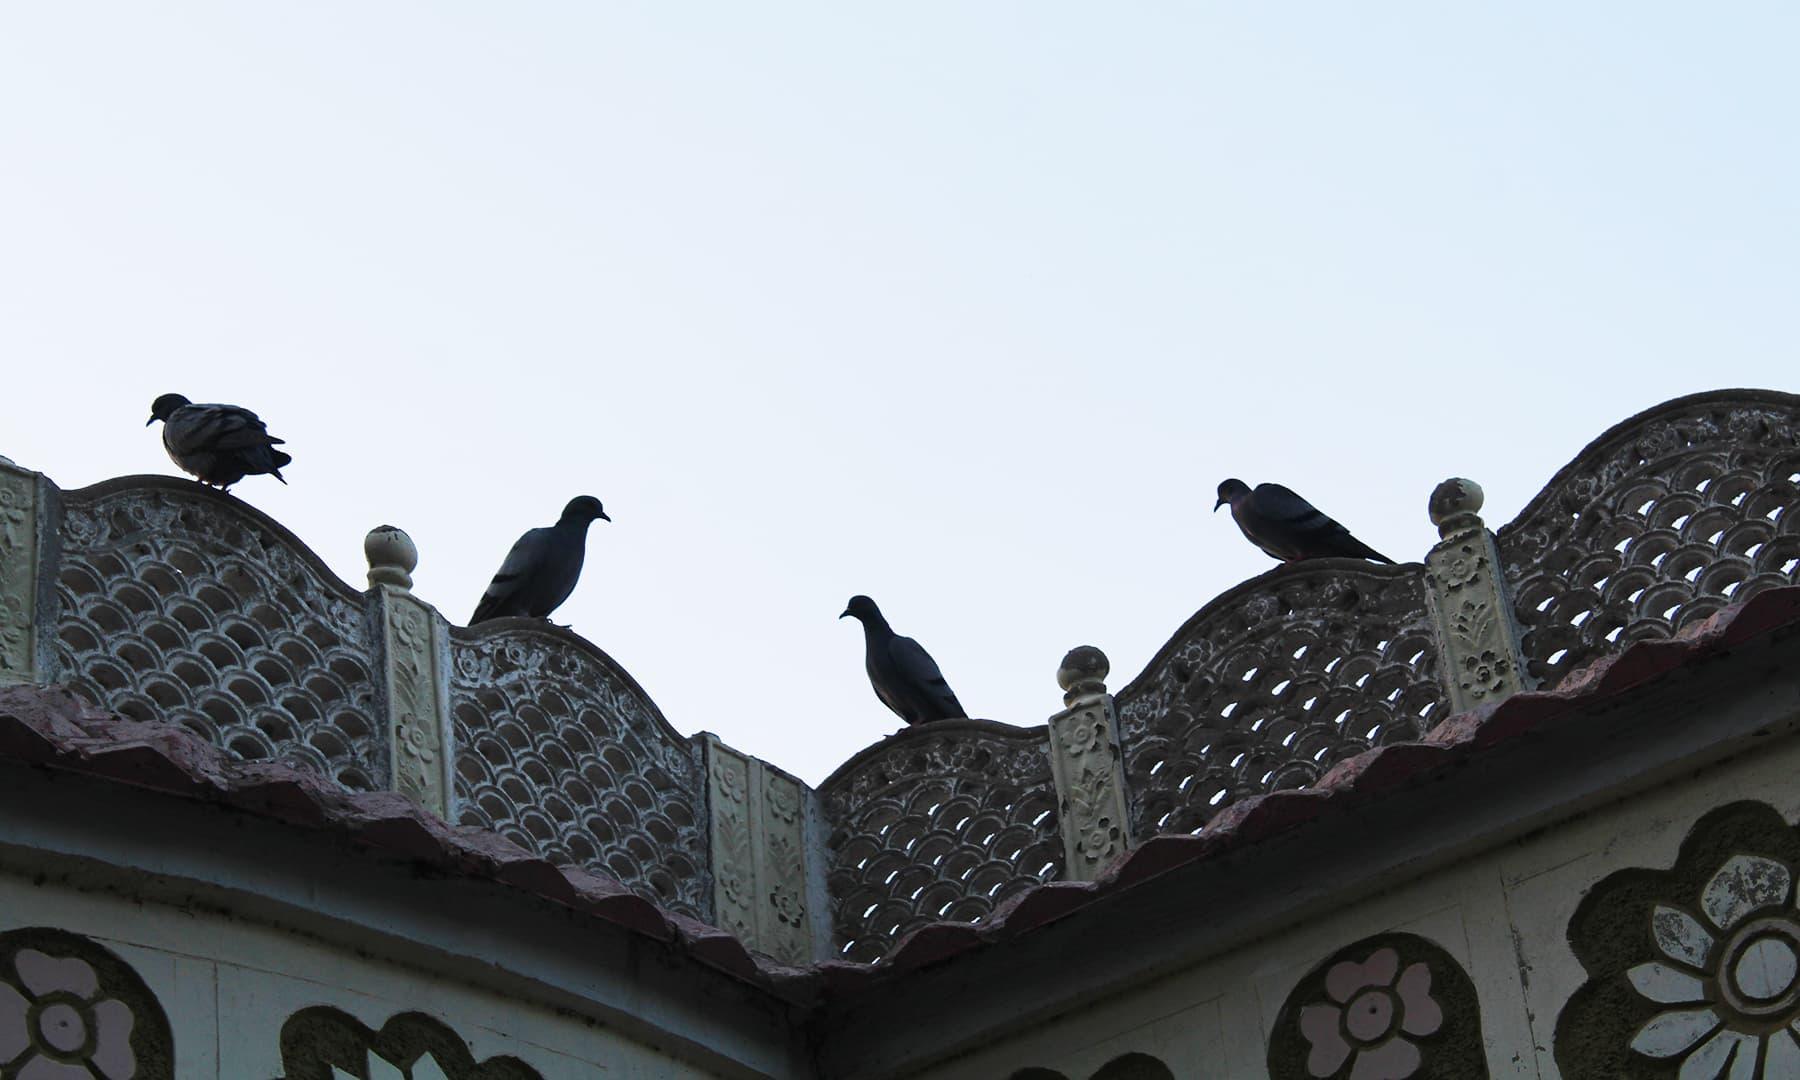 غلام حیدر کے مہمان خانے کے آزاد پرندے—تصویر اختر حفیظ